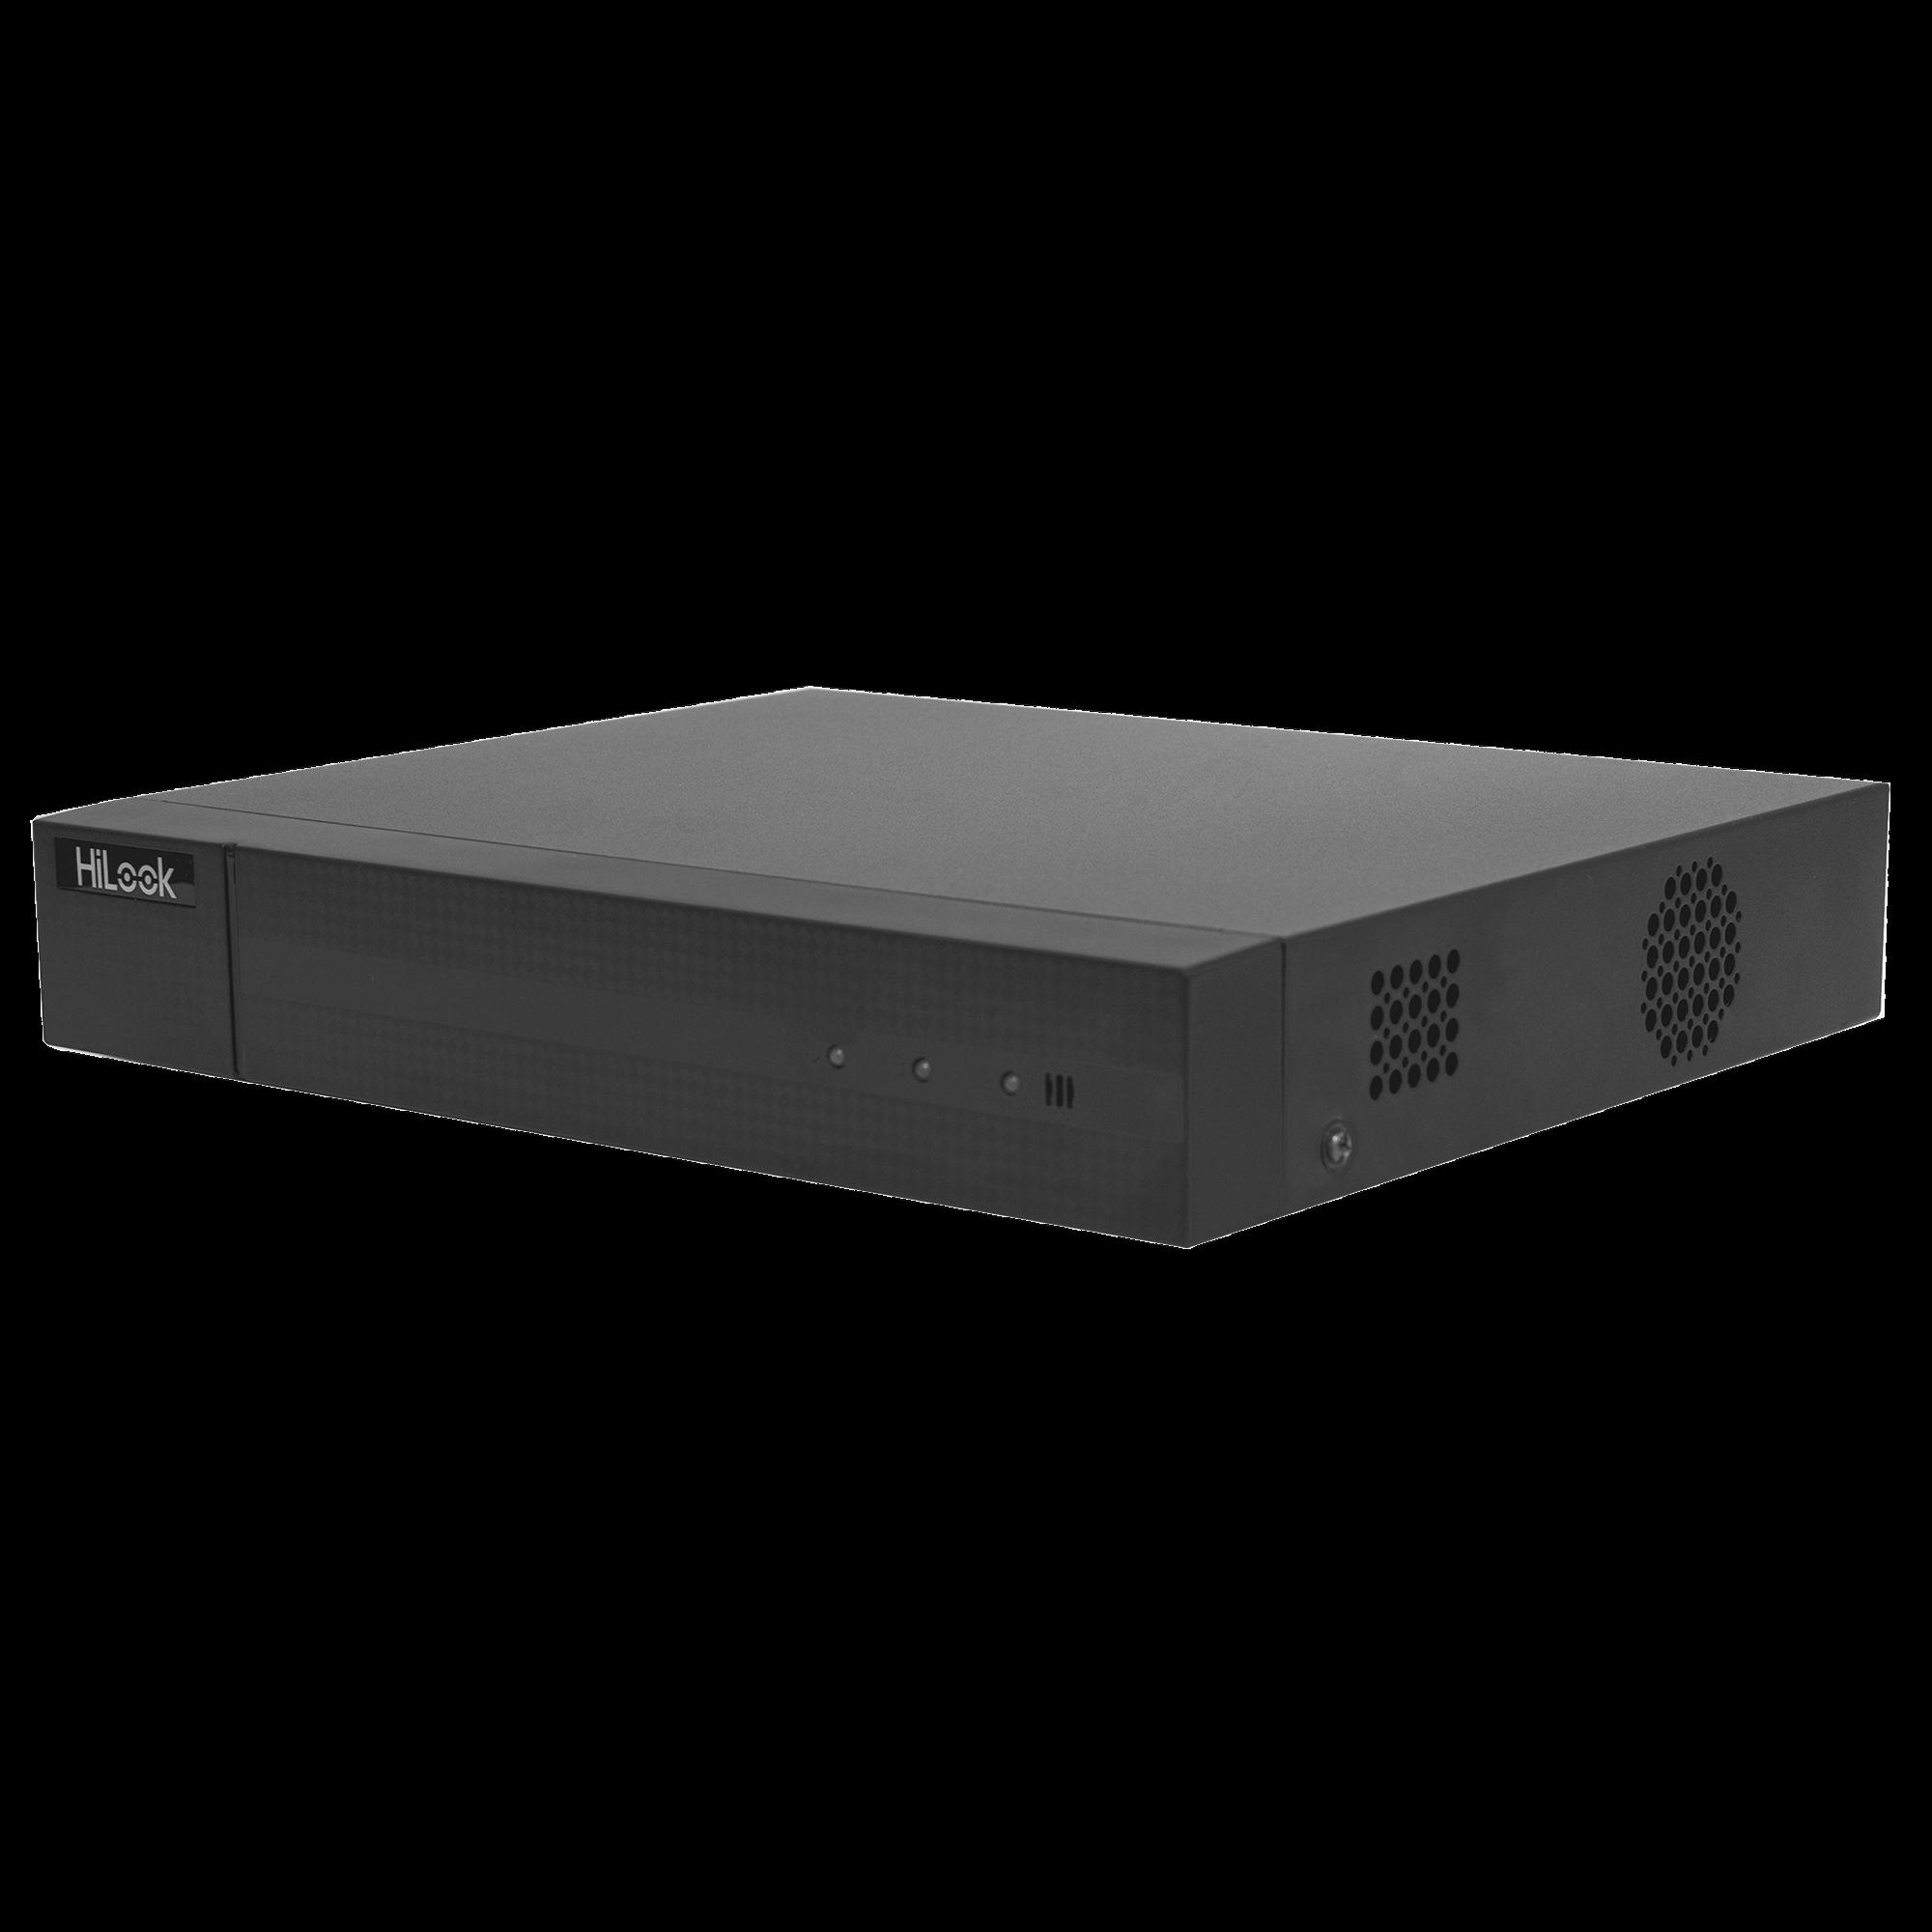 DVR 1080P Lite Pentahibrido / 4 Canales TURBOHD + 1 Canales IP / 1 Bahía de Disco Duro / H.264+ / 1 Canal de Audio / Salida de Vídeo Full HD